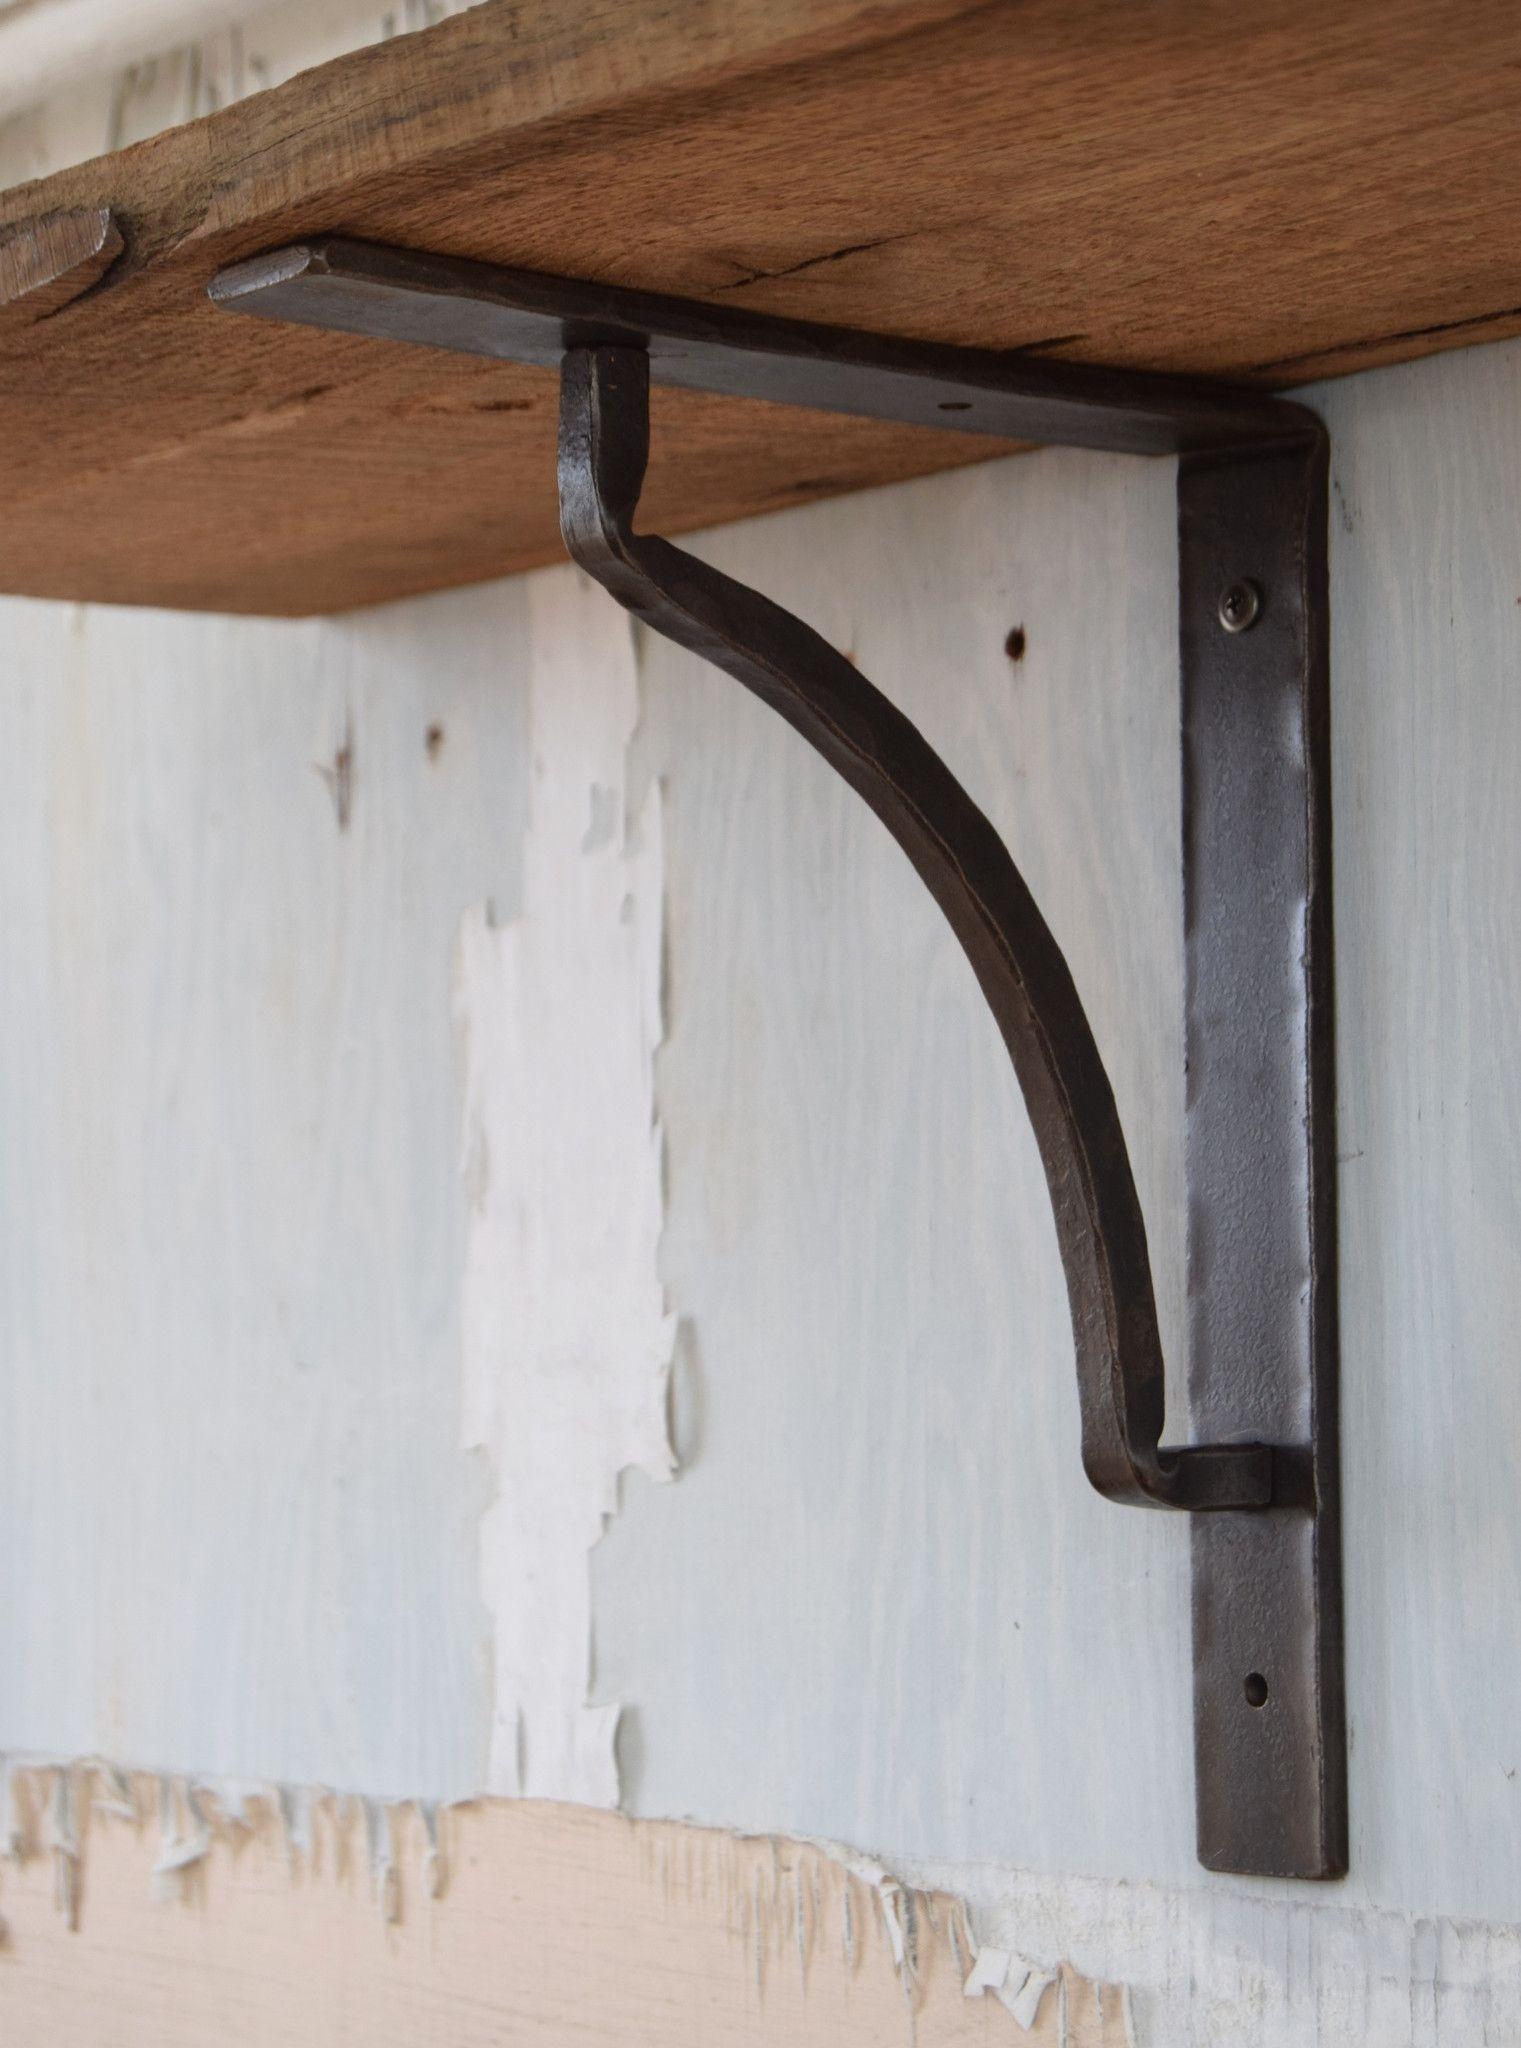 glaure shelf brackets metal shelves and shelves. Black Bedroom Furniture Sets. Home Design Ideas